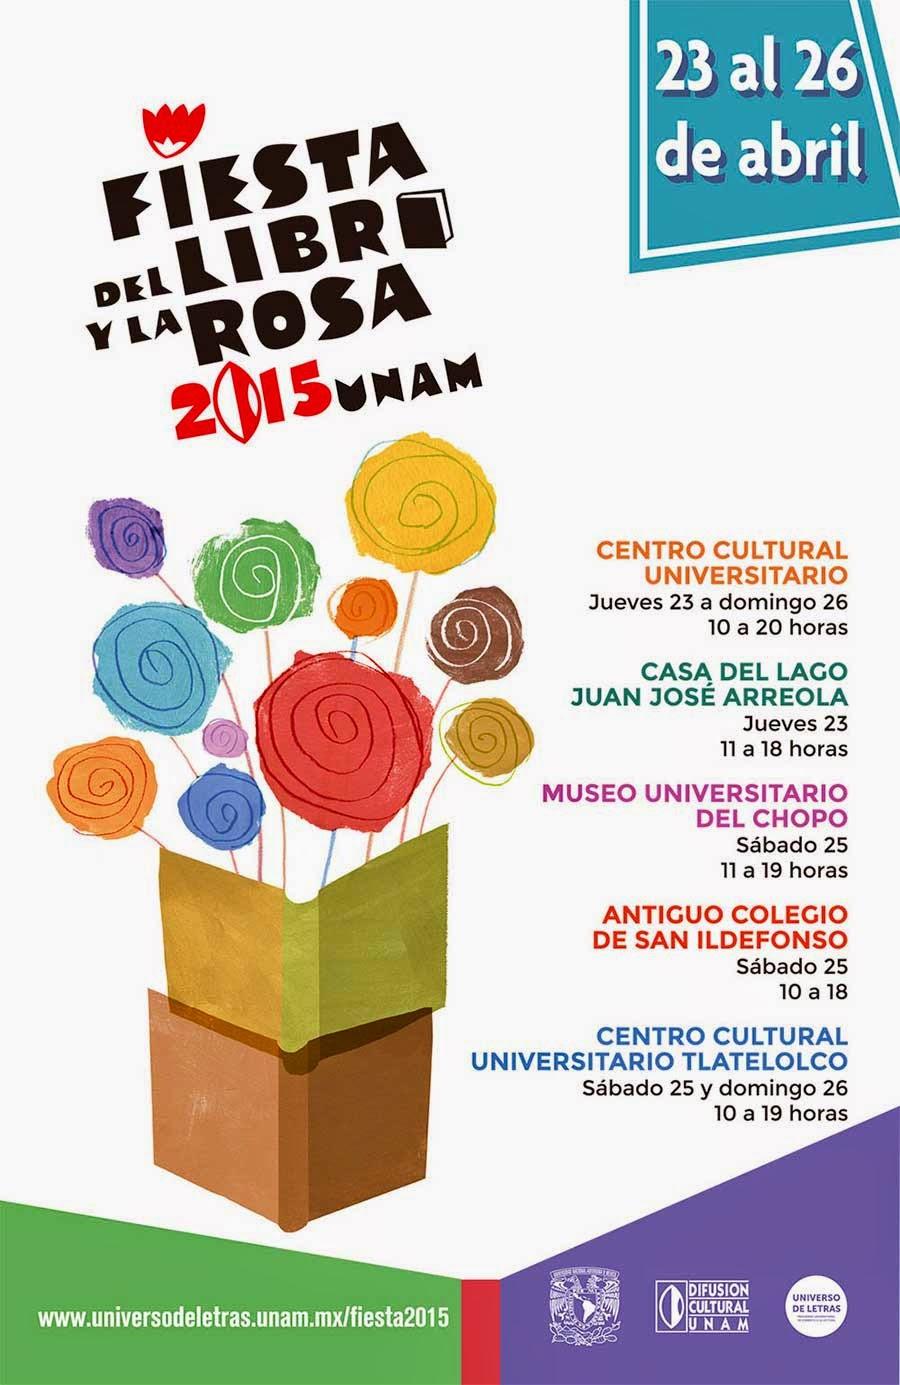 La Fiesta del Libro y la Rosa 2015 de la UNAM del 23 al 26 de Abril